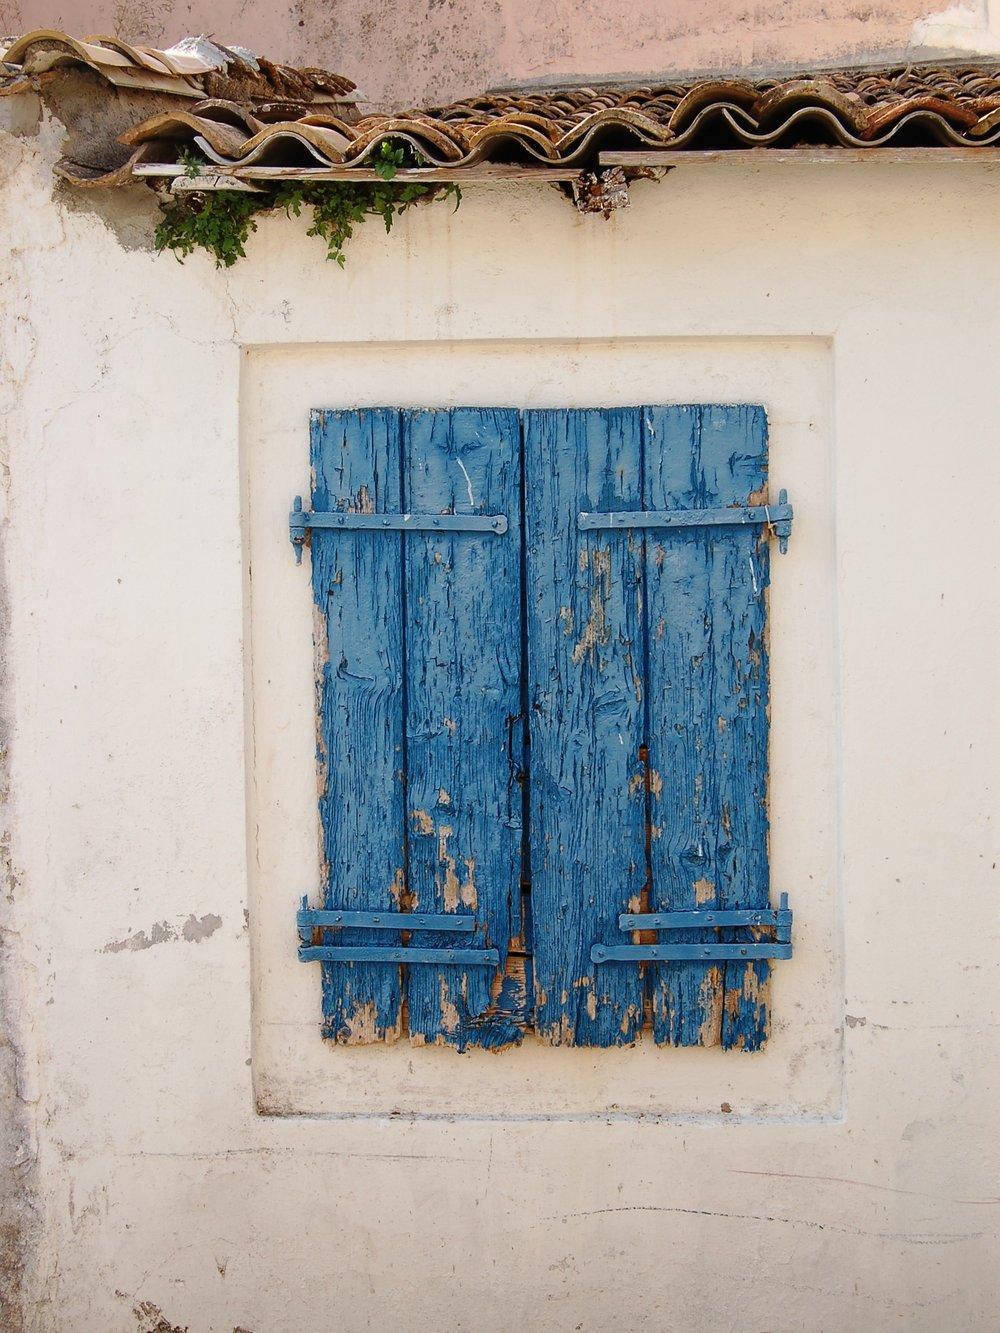 blue-shutters-greece